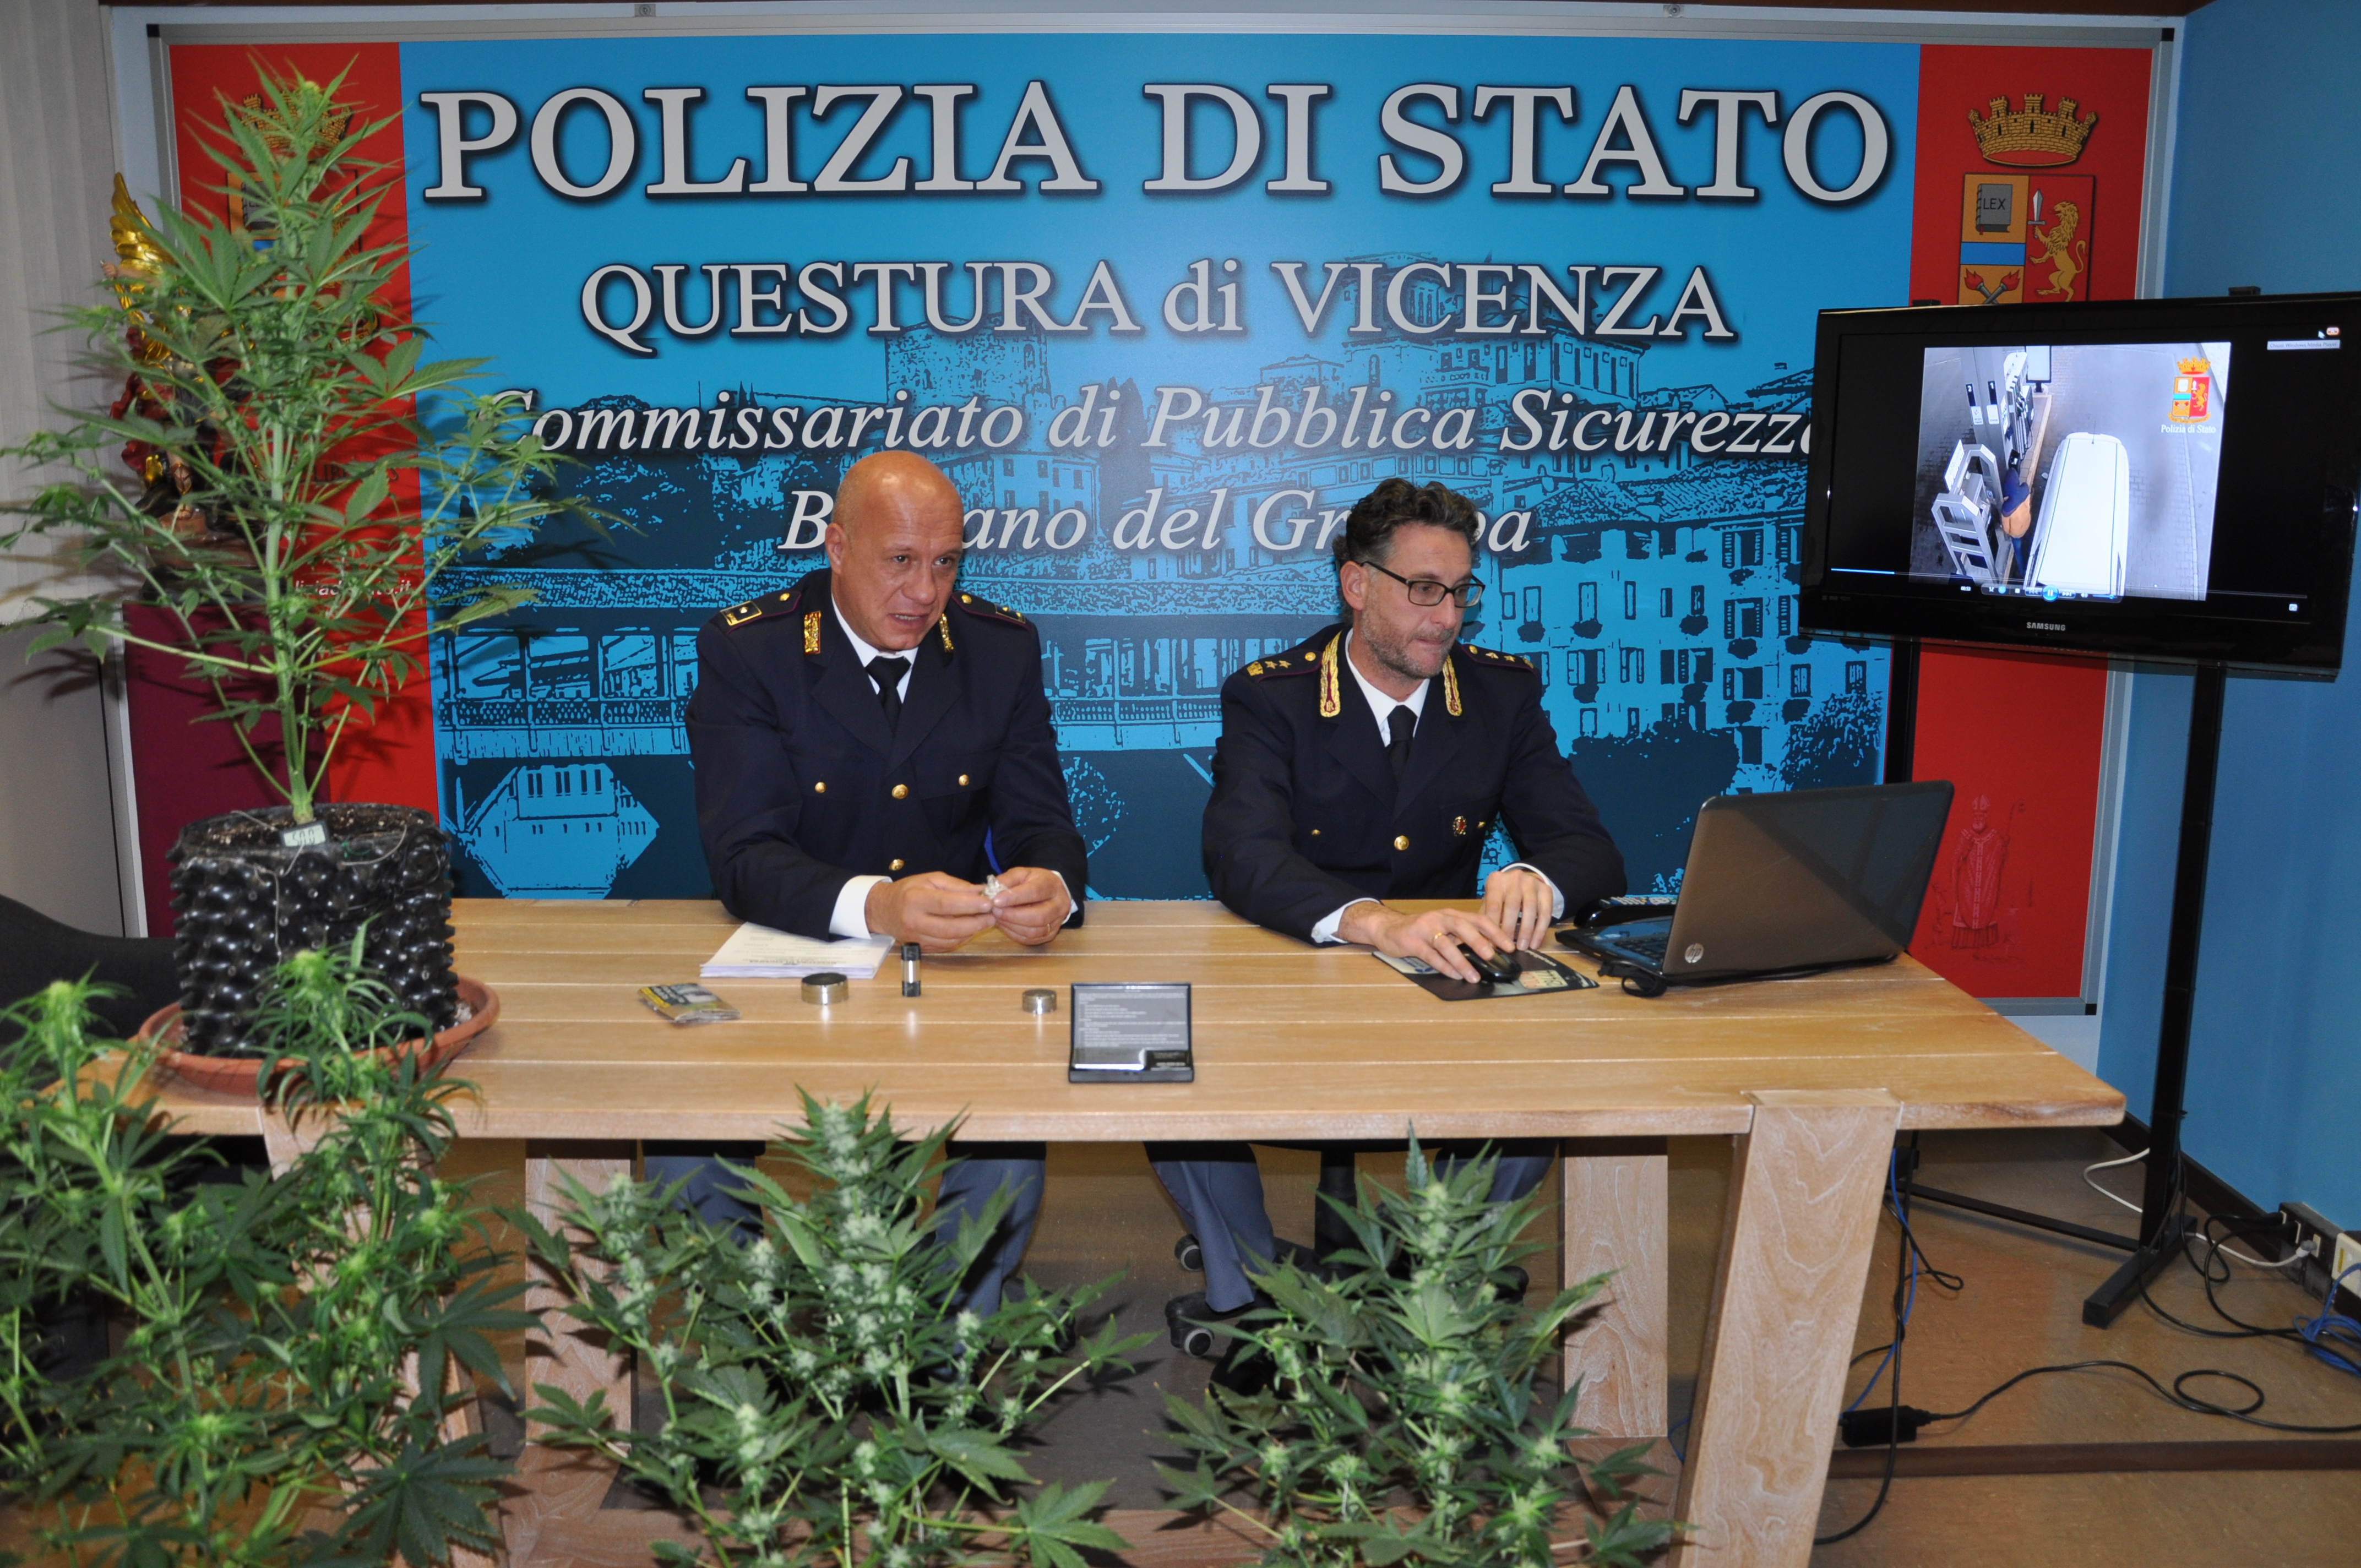 Polizia di stato questure sul web vicenza for Stato di polizia permesso di soggiorno